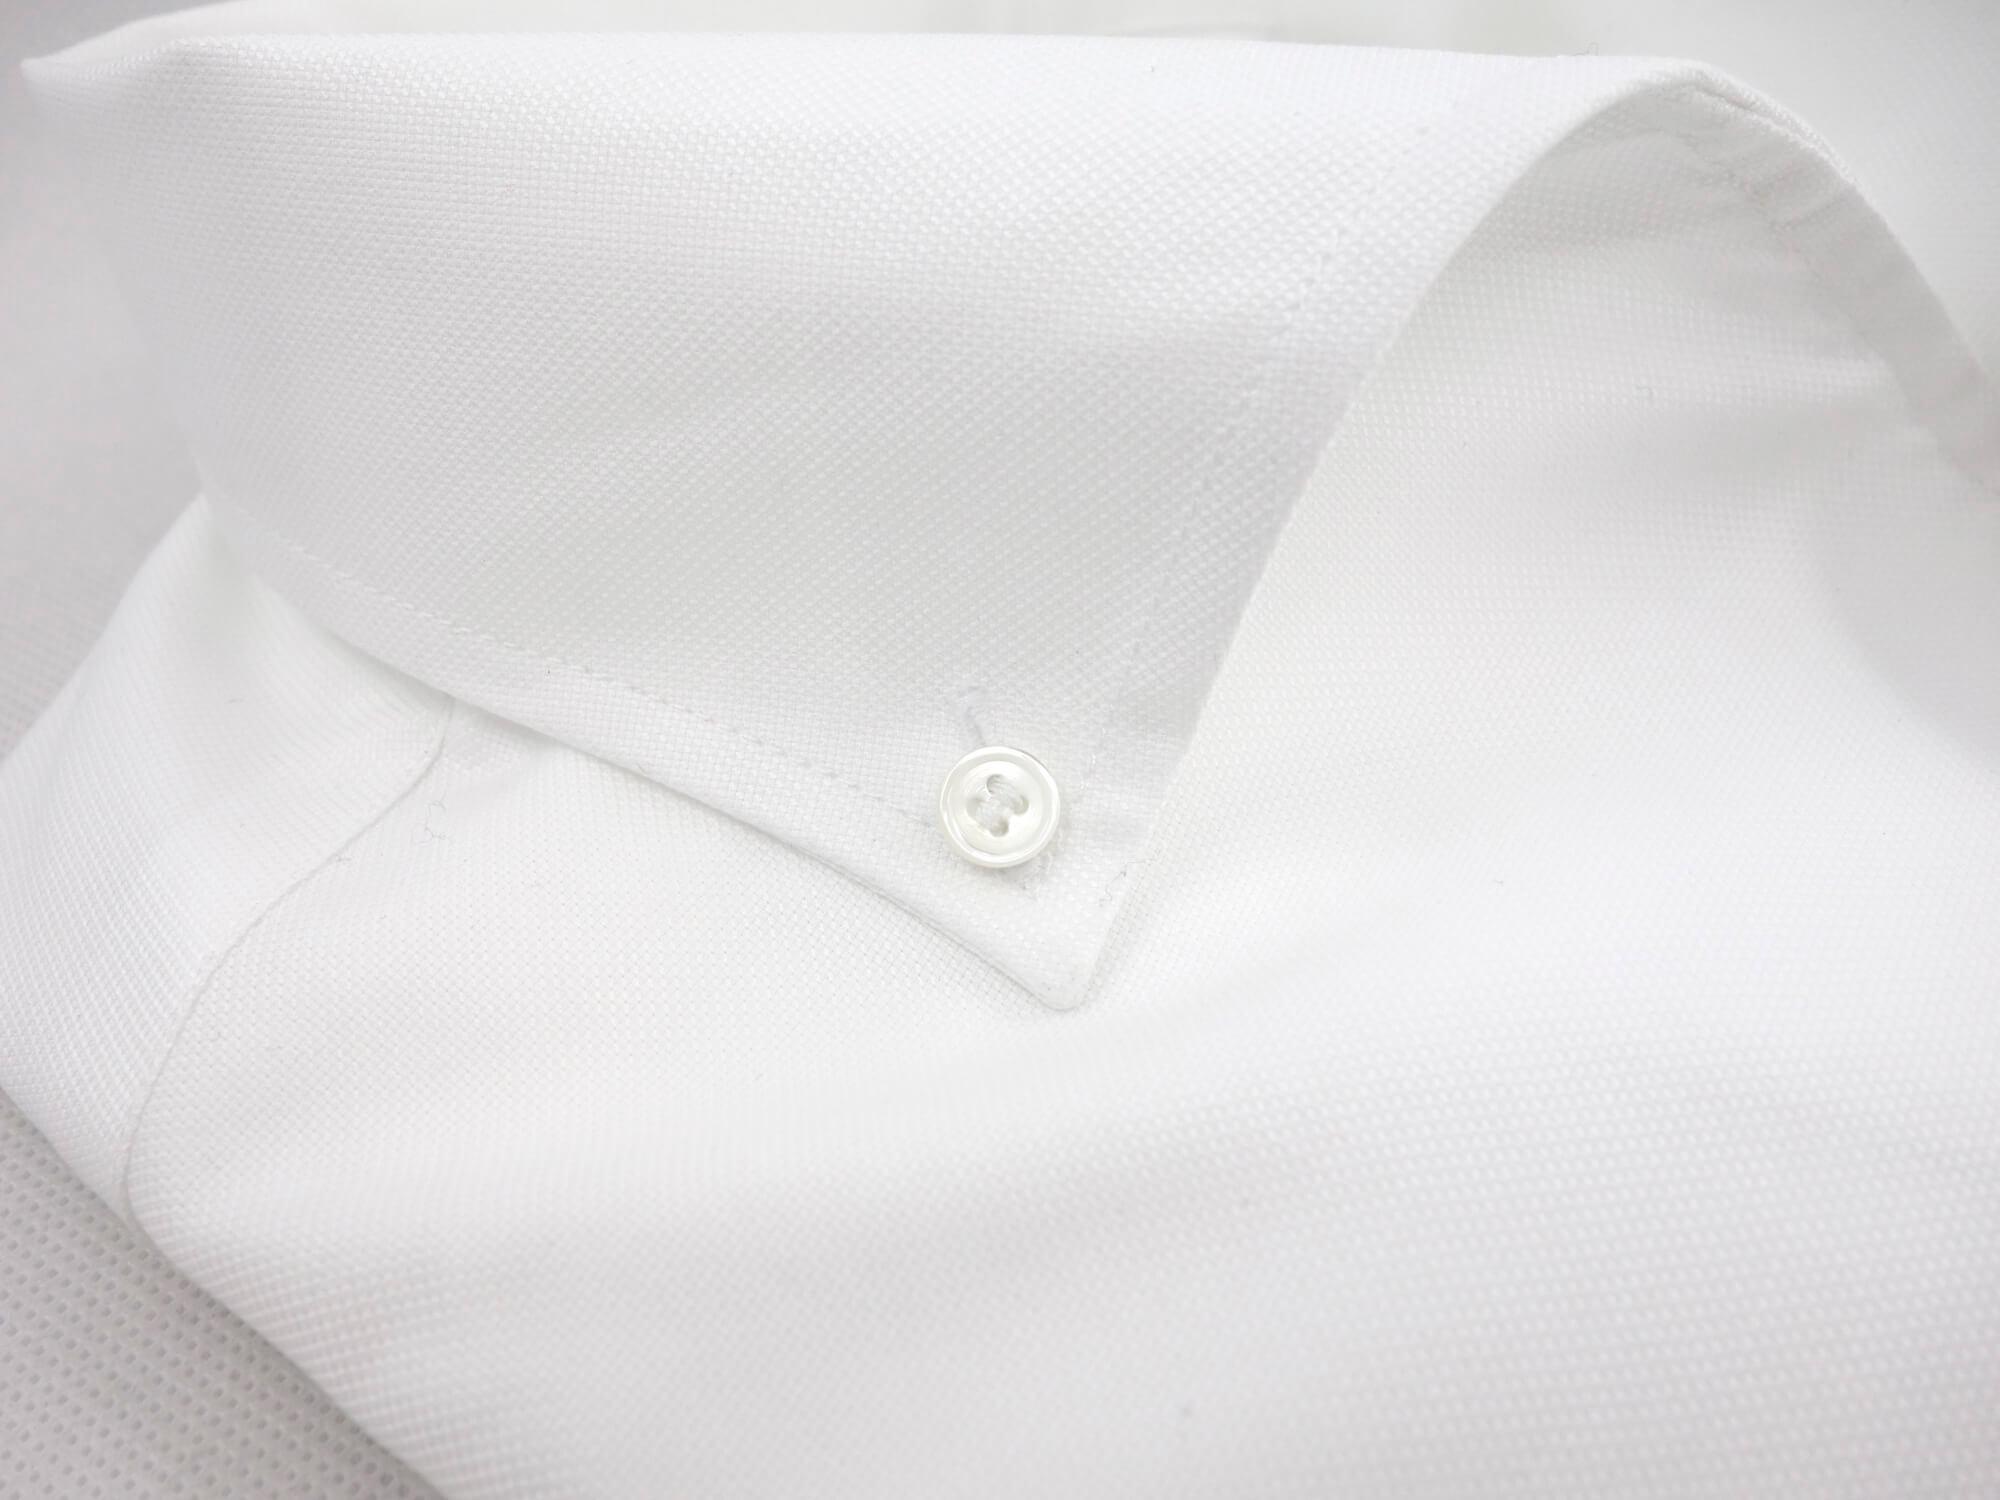 Détails col miami et tissu oxford blanc